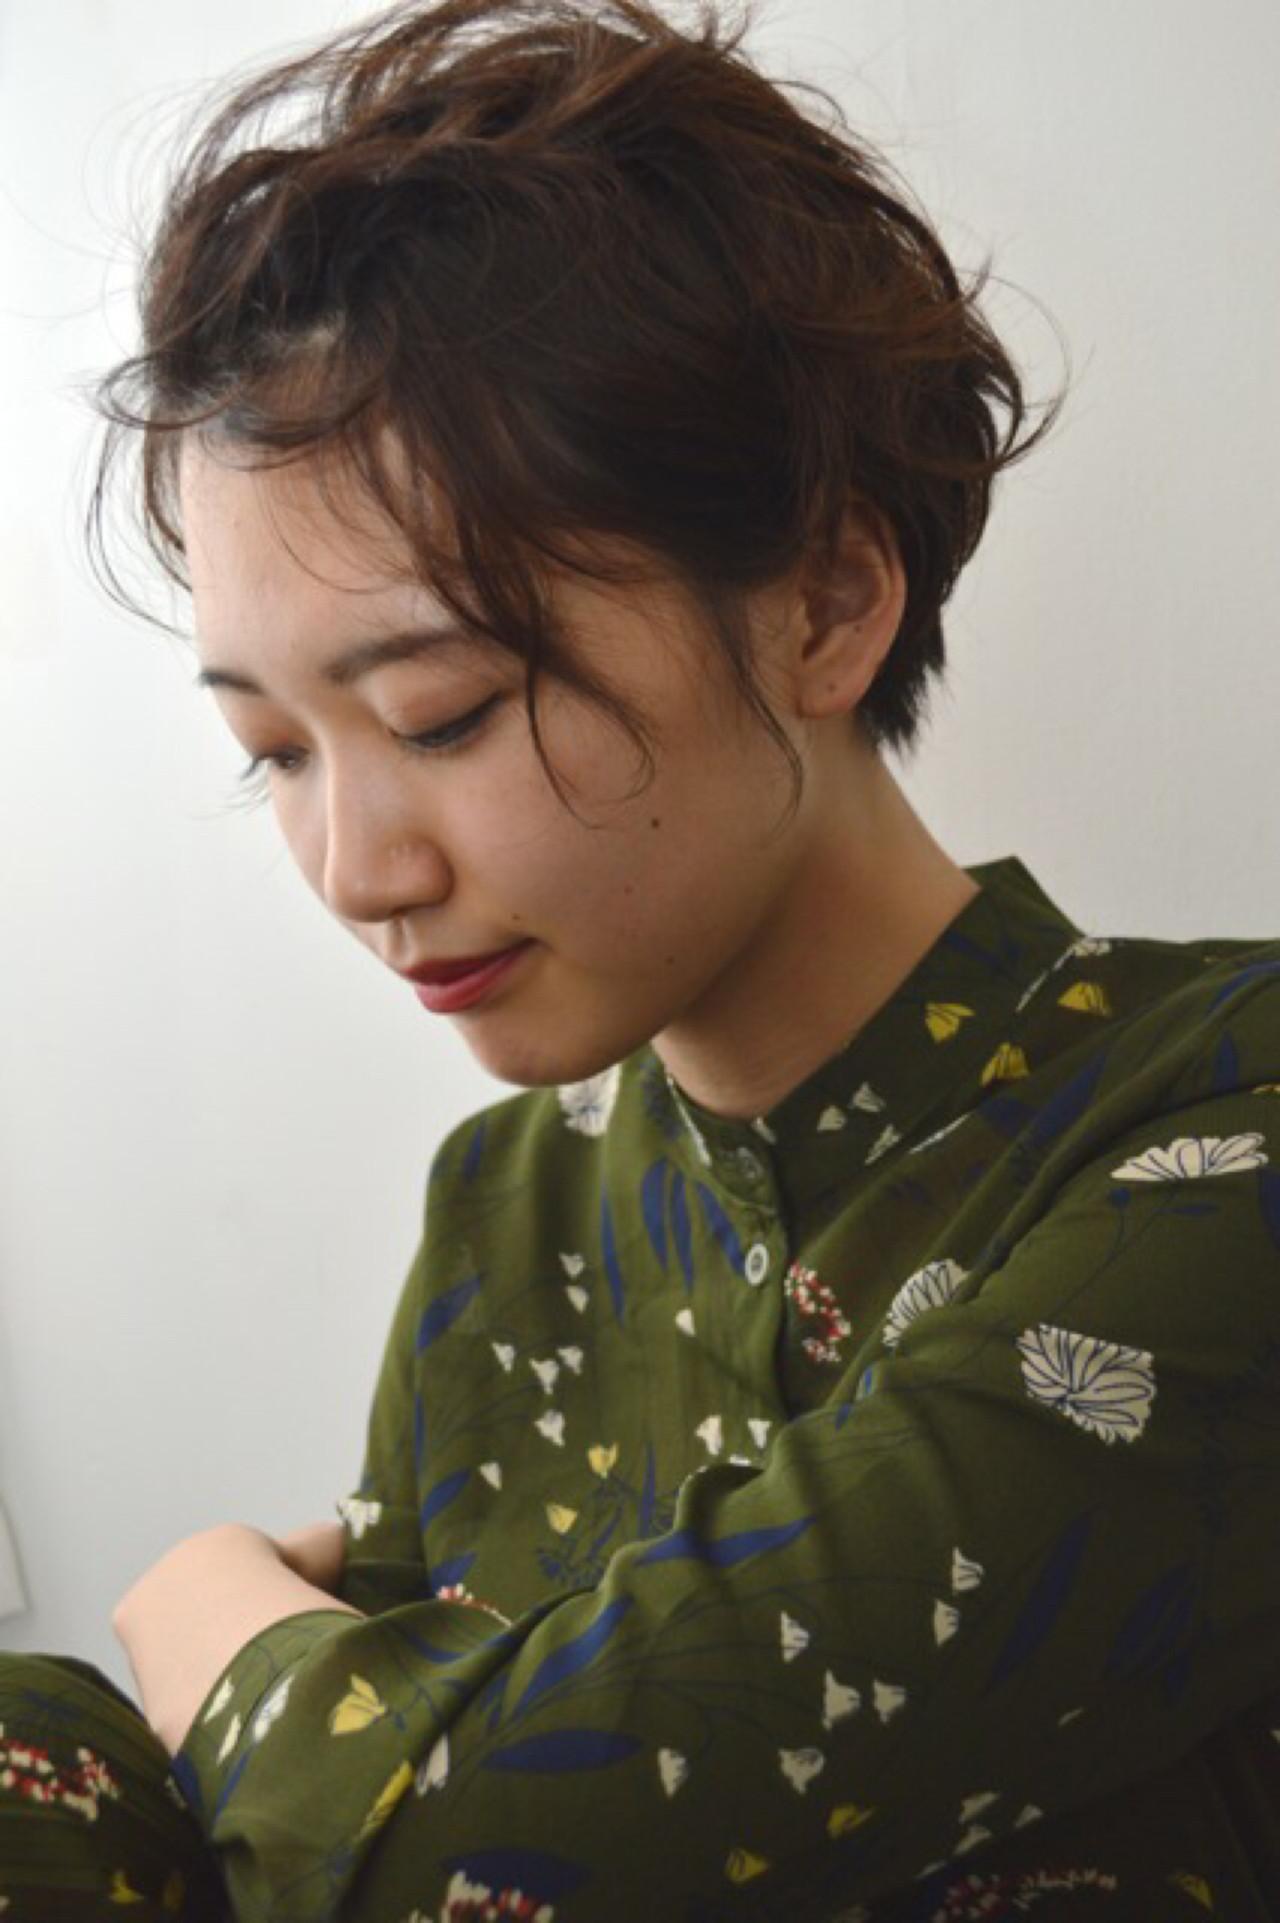 ワンランク上のショートへア♡パーマでおしゃれエッセンスをプラスしましょ! YOSUKE KOJIMA | CONO HAIR